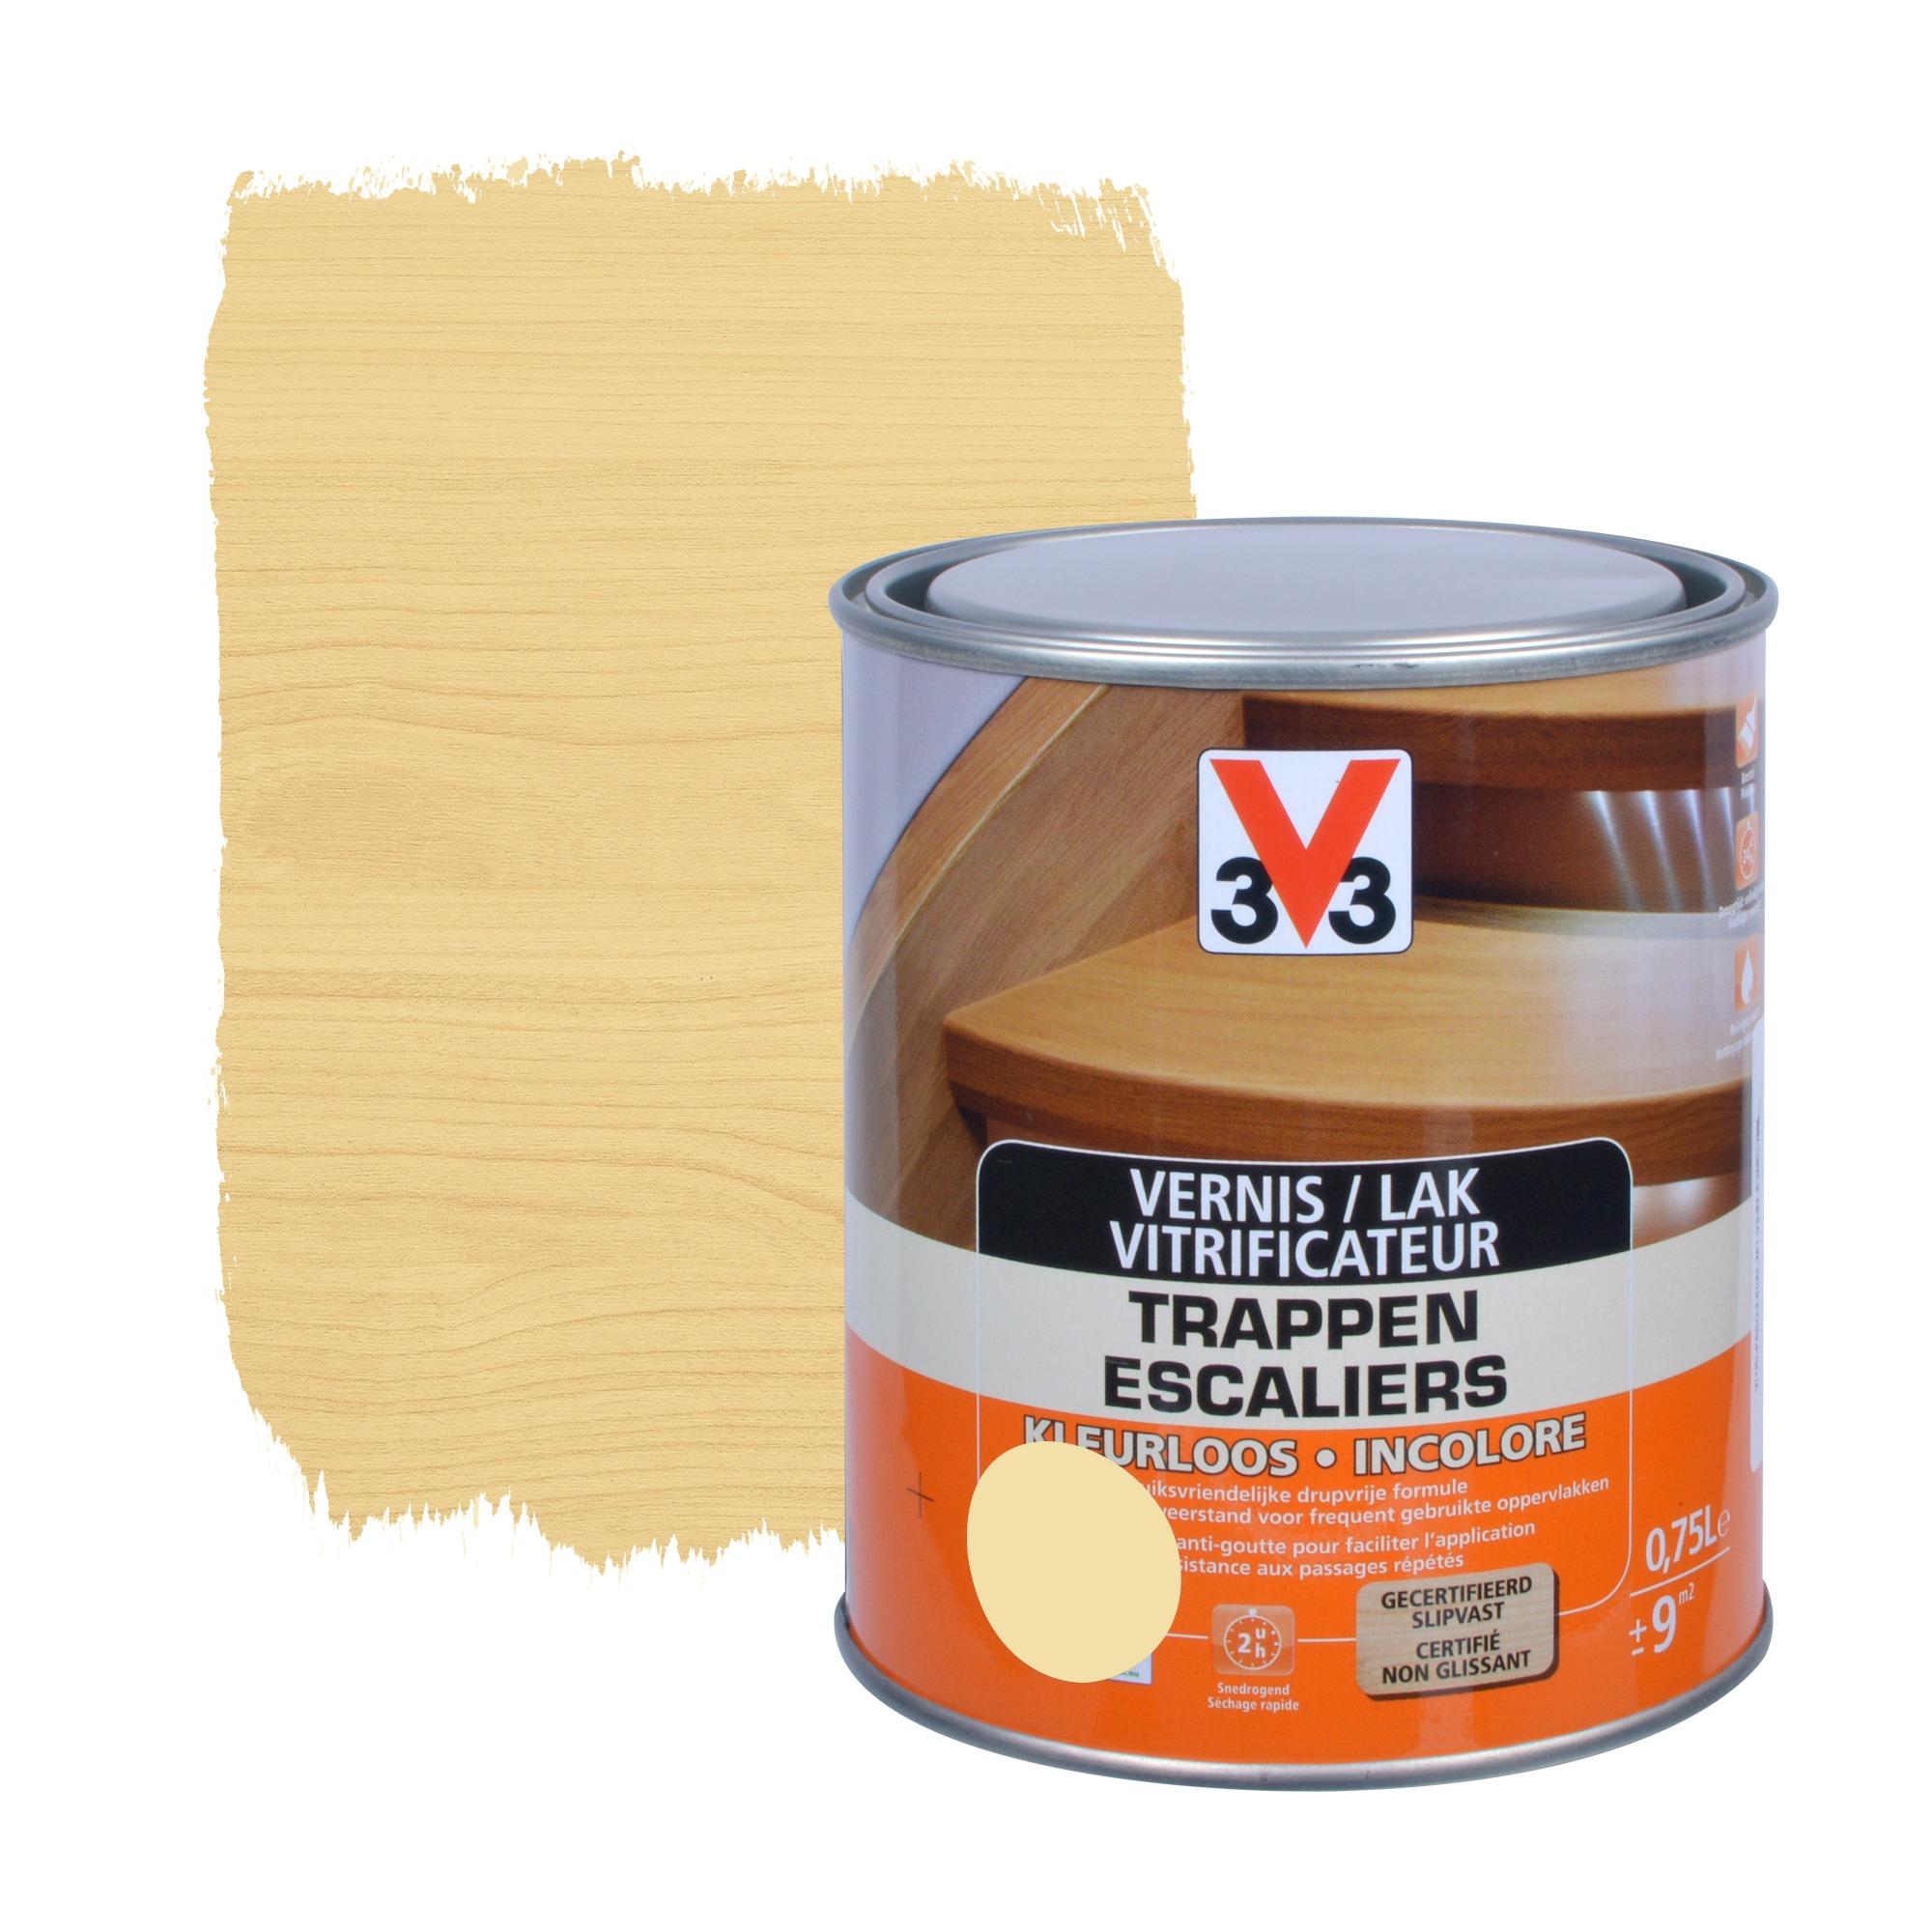 vitrificateur escaliers anti goutte v33 mat incolore 750. Black Bedroom Furniture Sets. Home Design Ideas